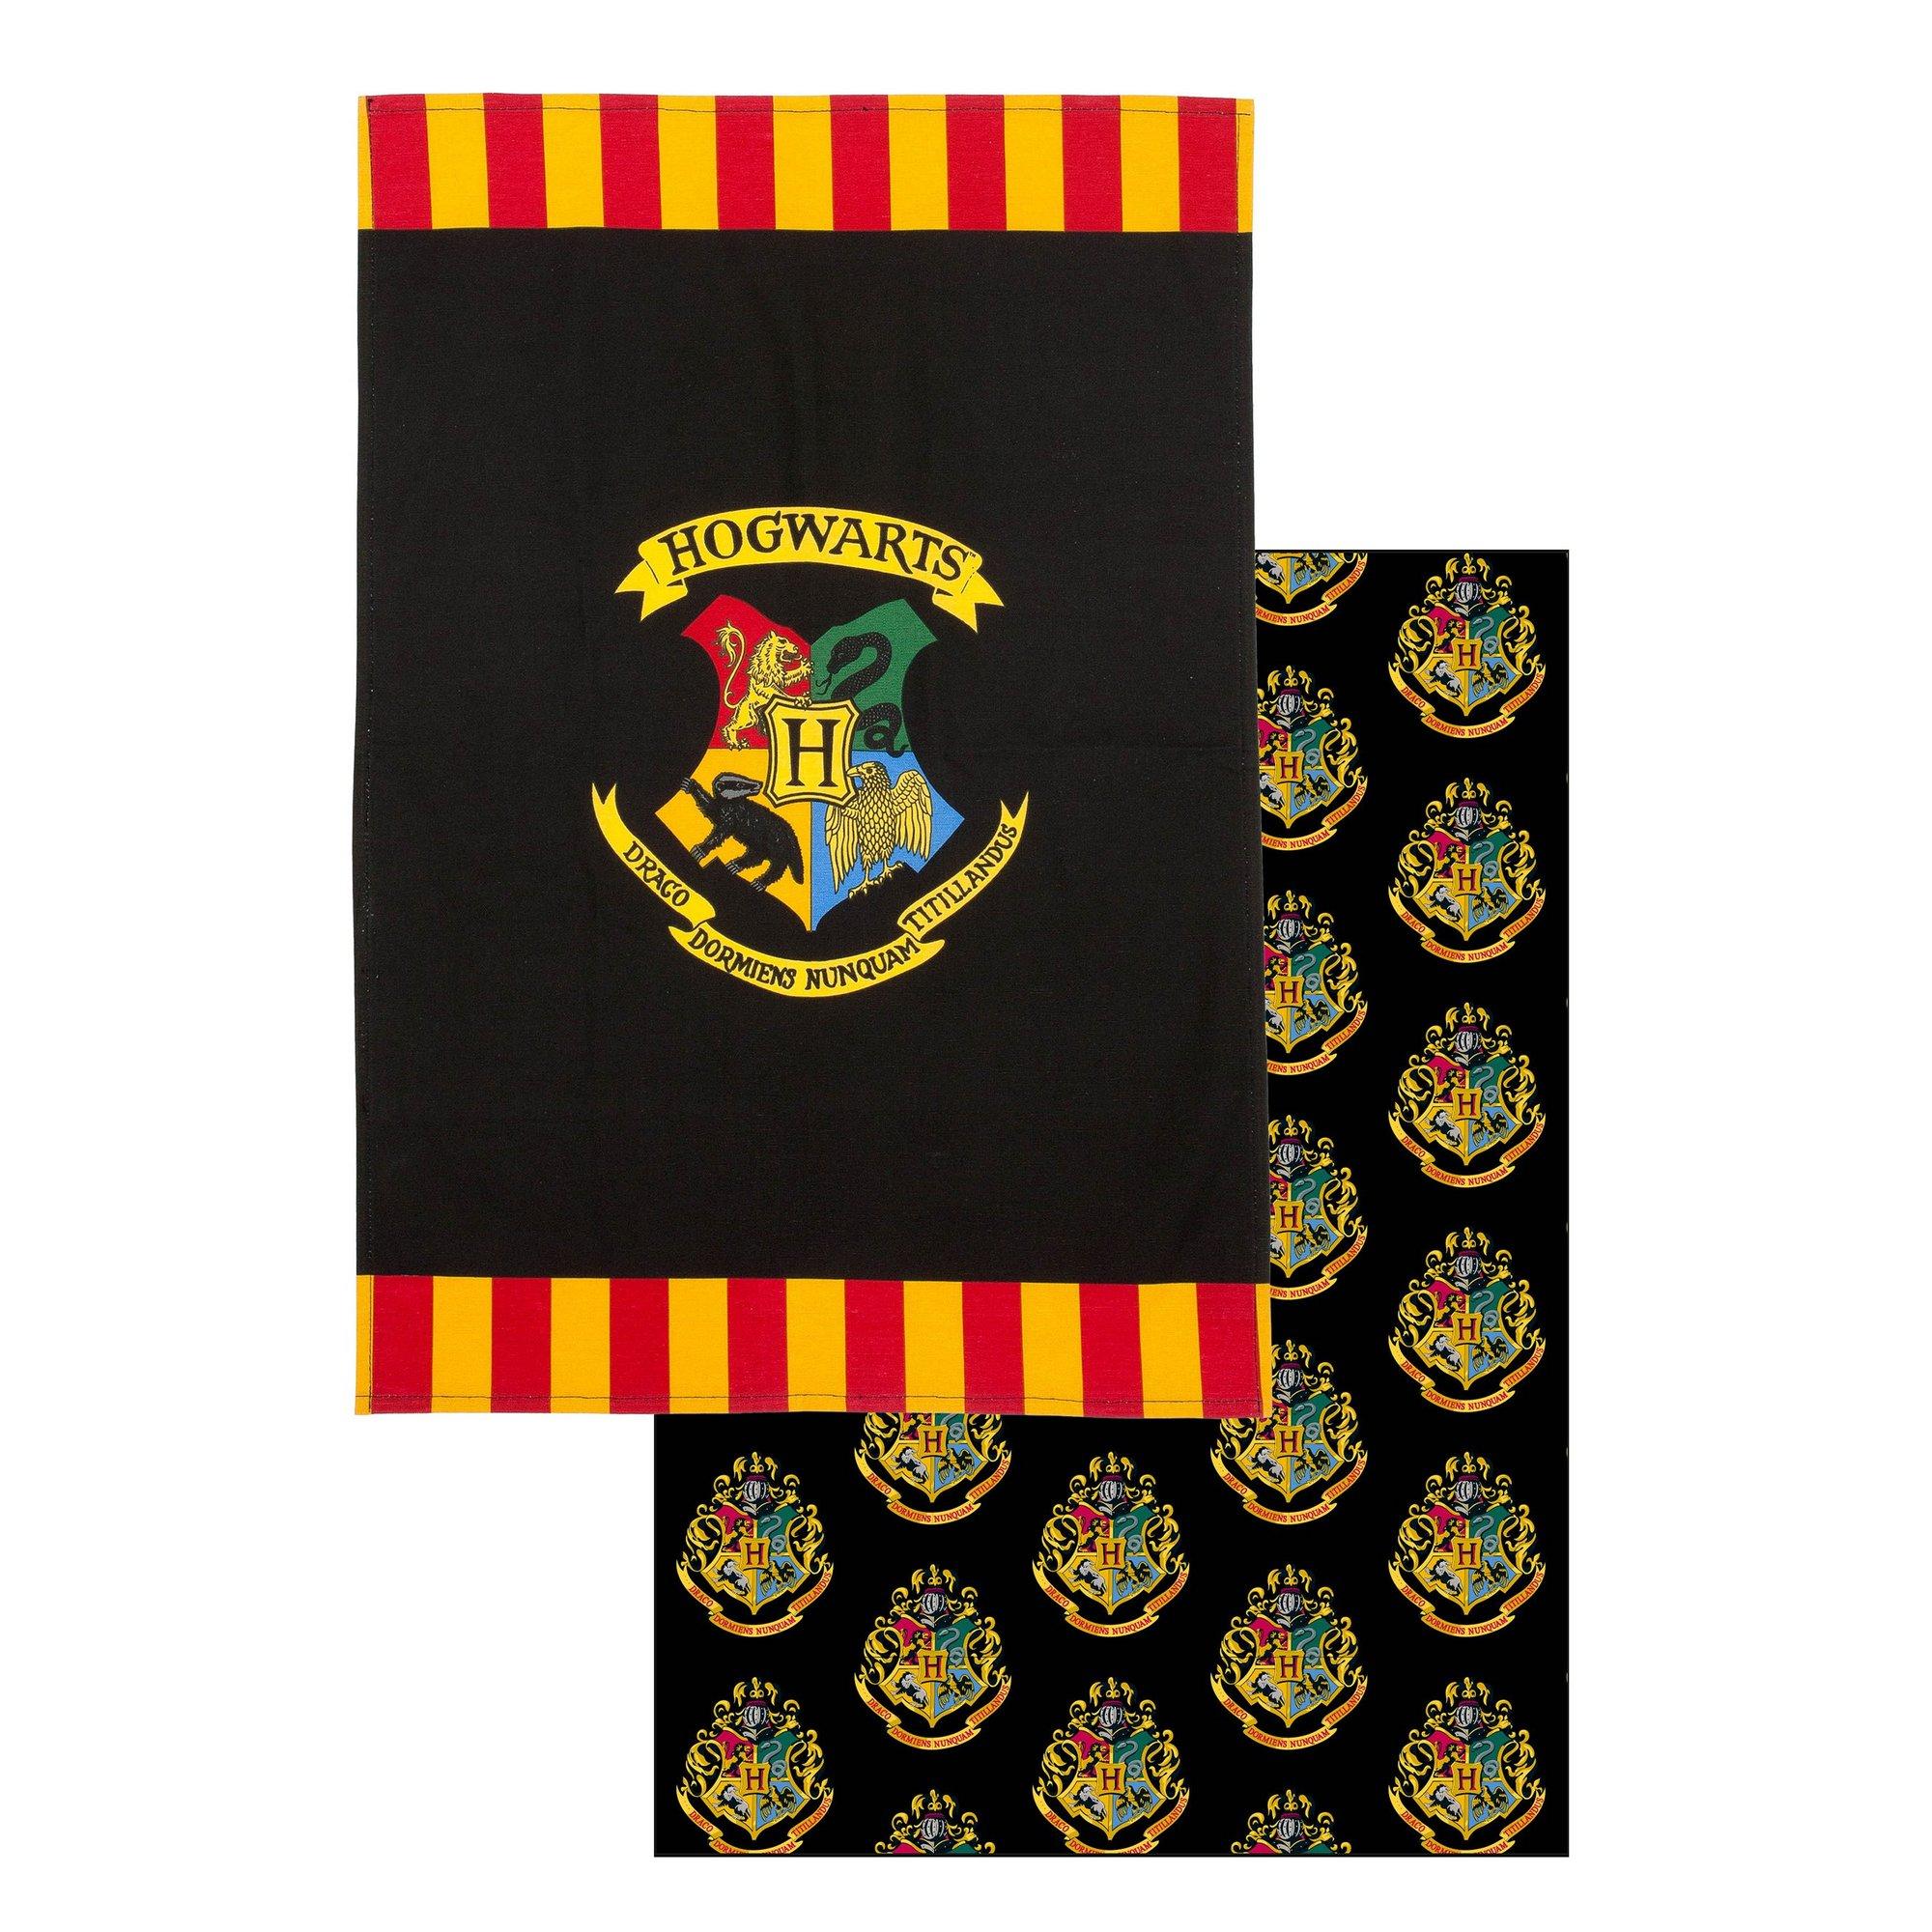 Image of Pack of 2 Harry Potter Hogwarts Tea Towels